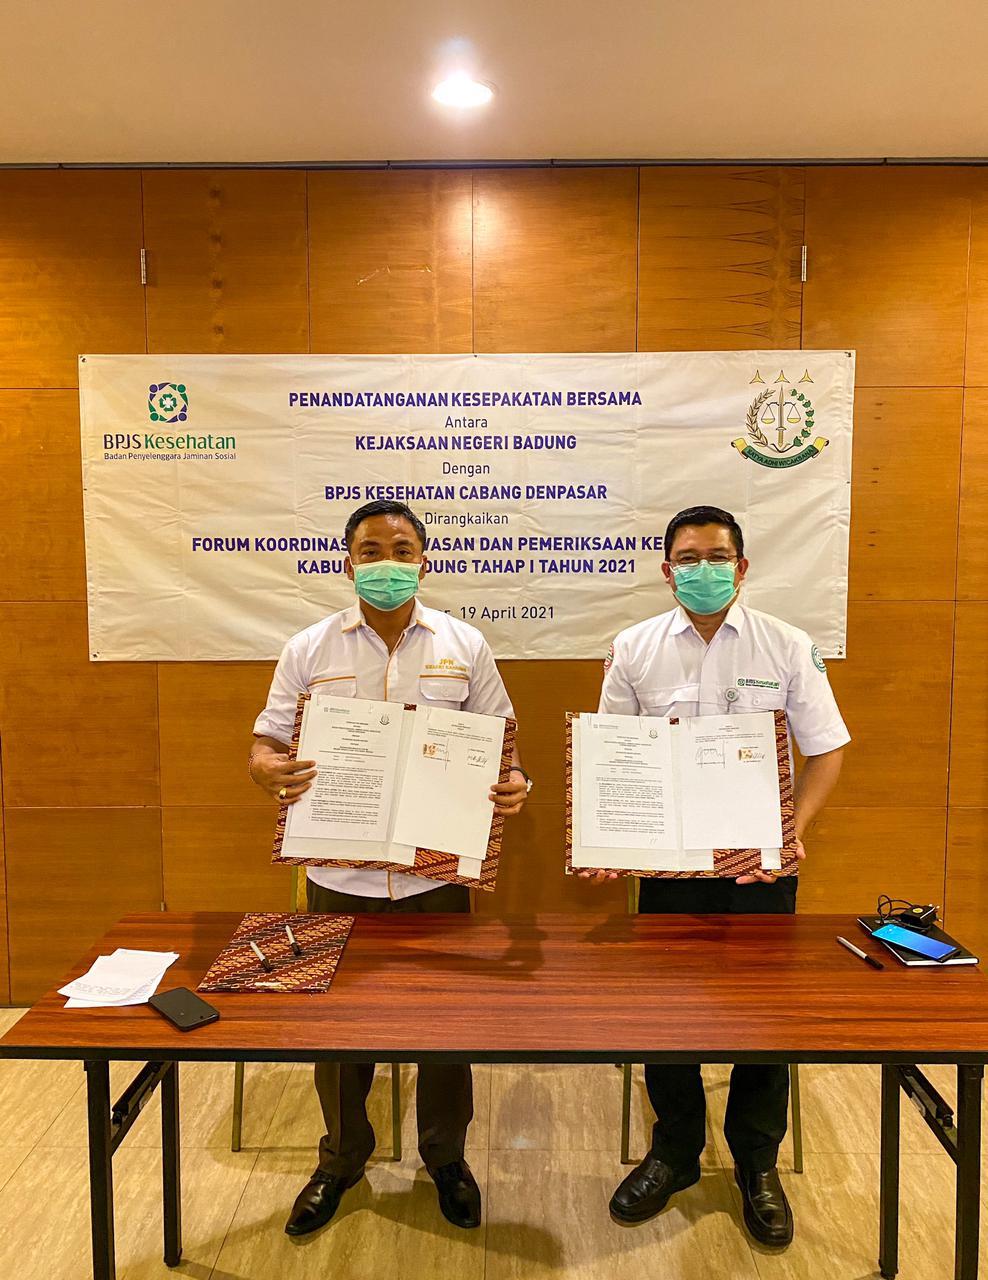 Penandatanganan Kesepakatan Bersama Kejaksaan Negeri Badung dengan BPJS Kesehatan Cabang Denpasar